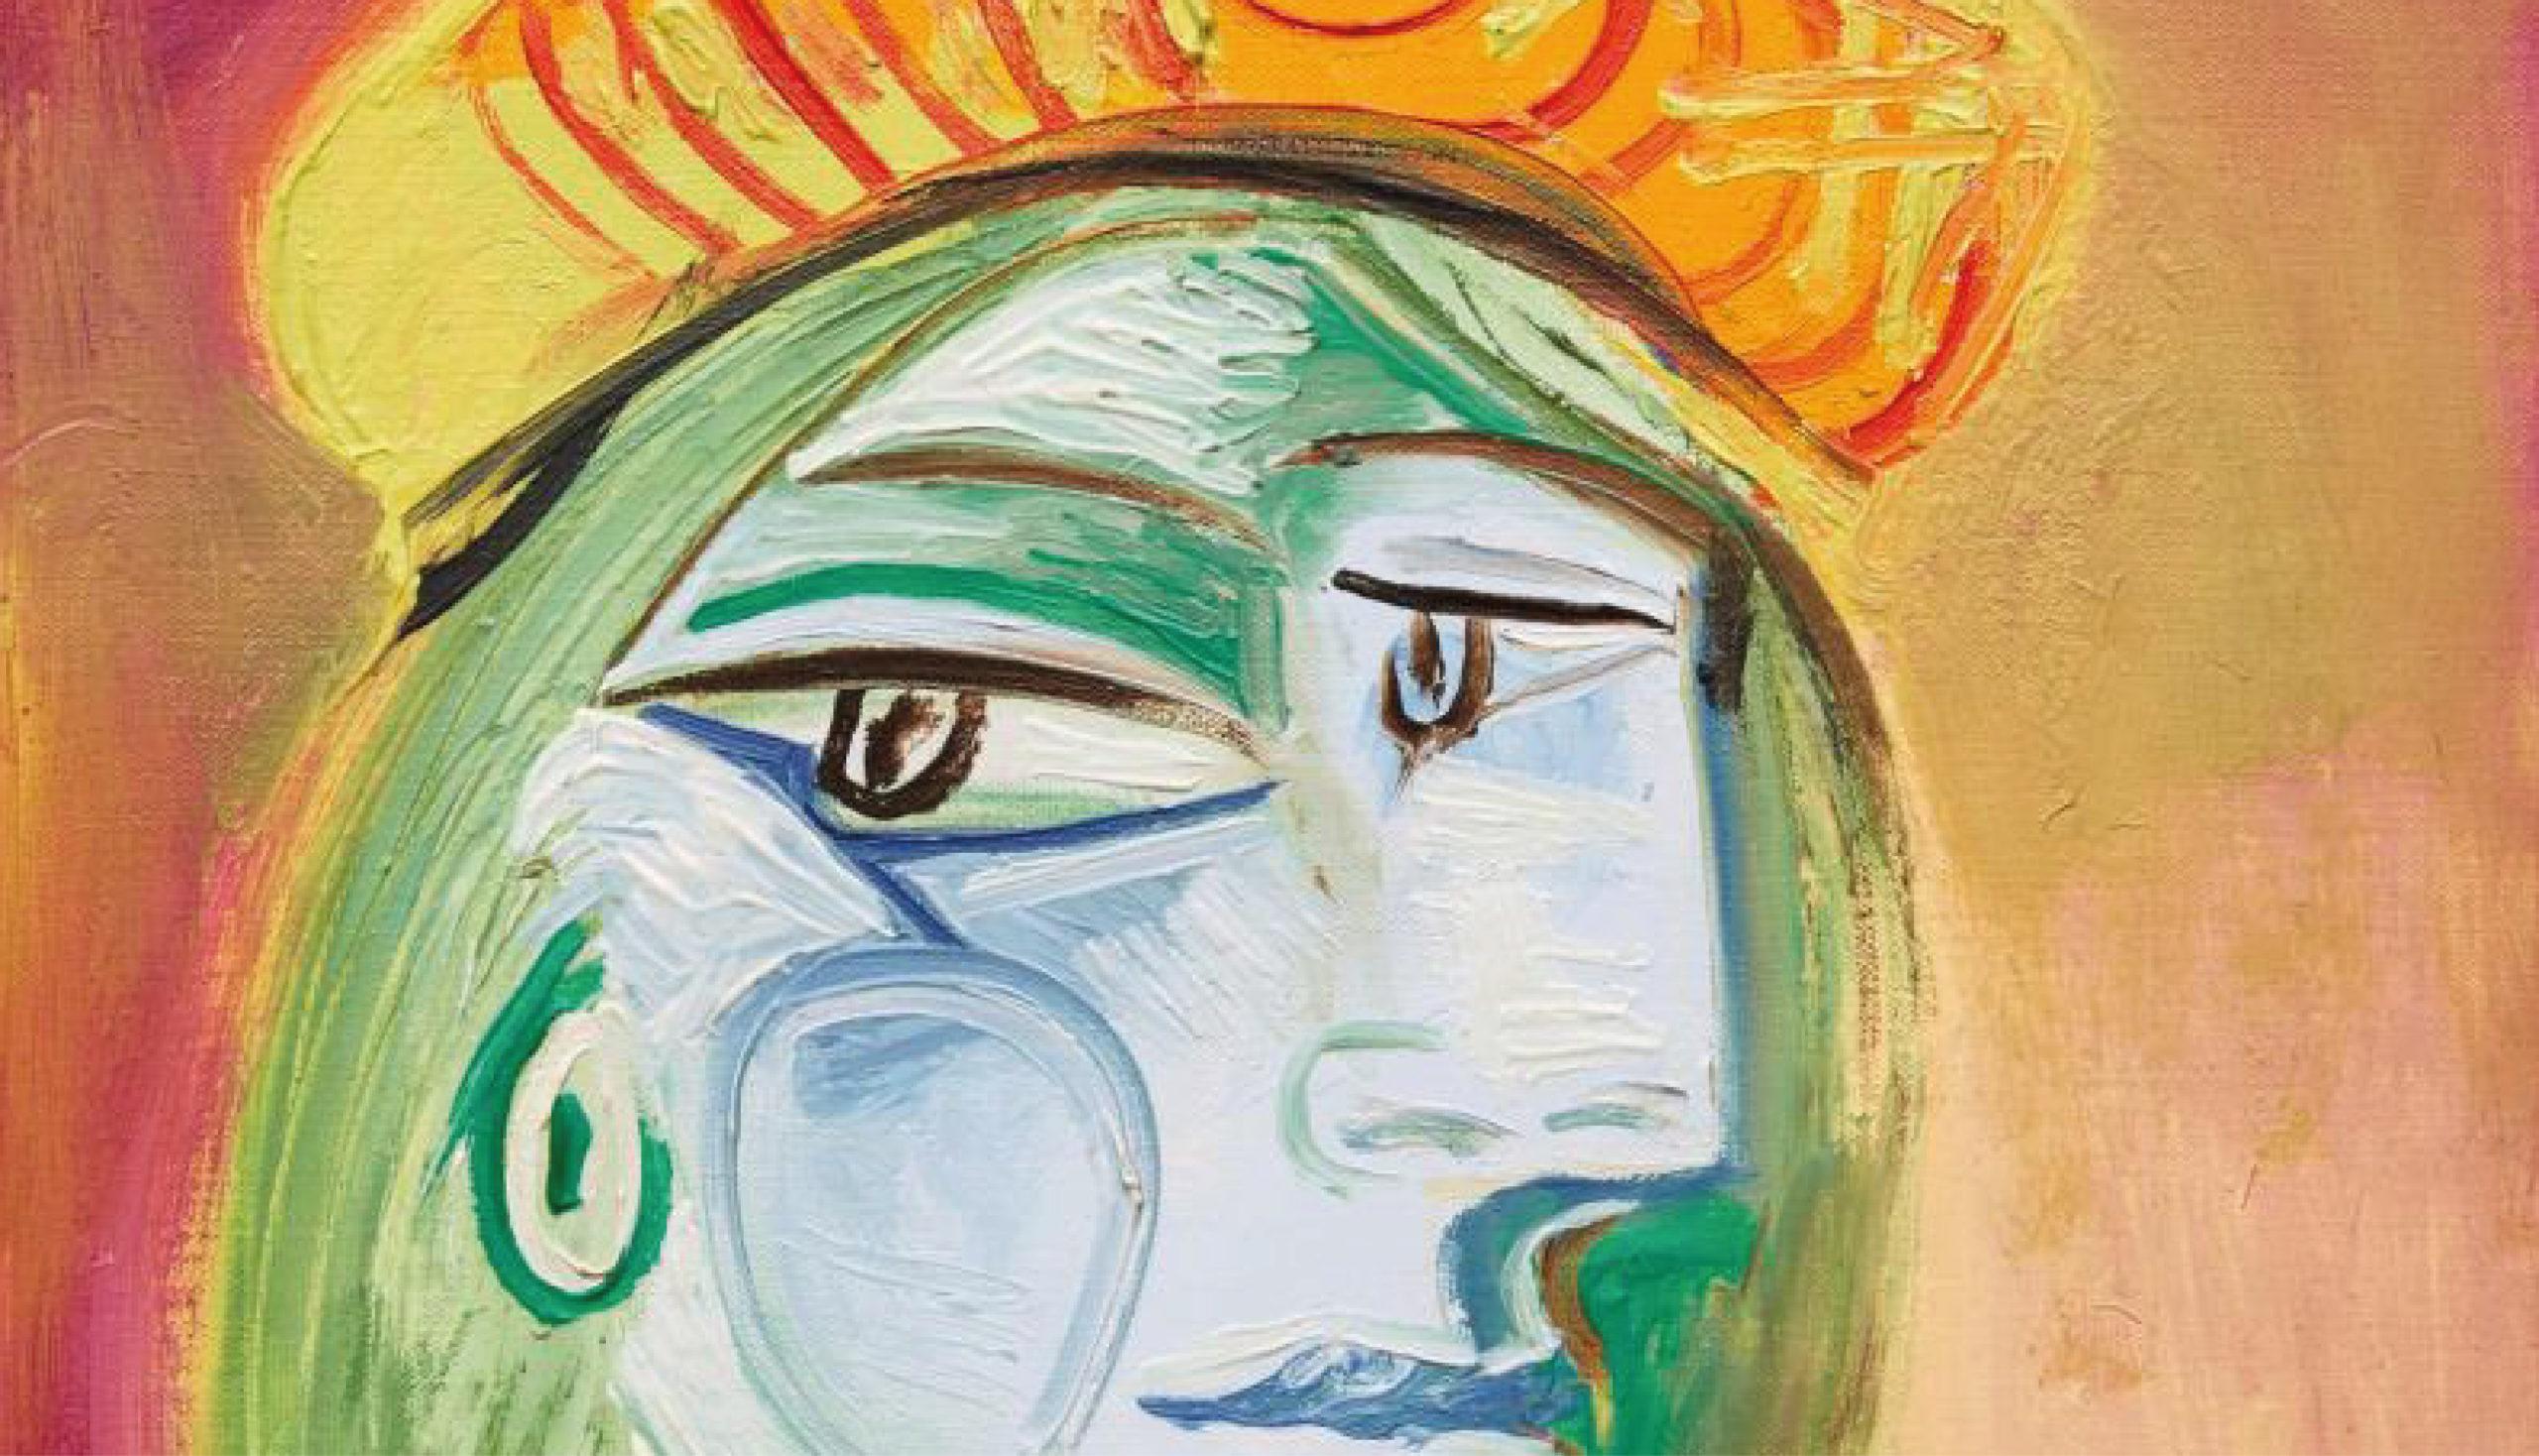 Subastan 11 obras de Picasso en Las Vegas: recaudaron 109 mdd